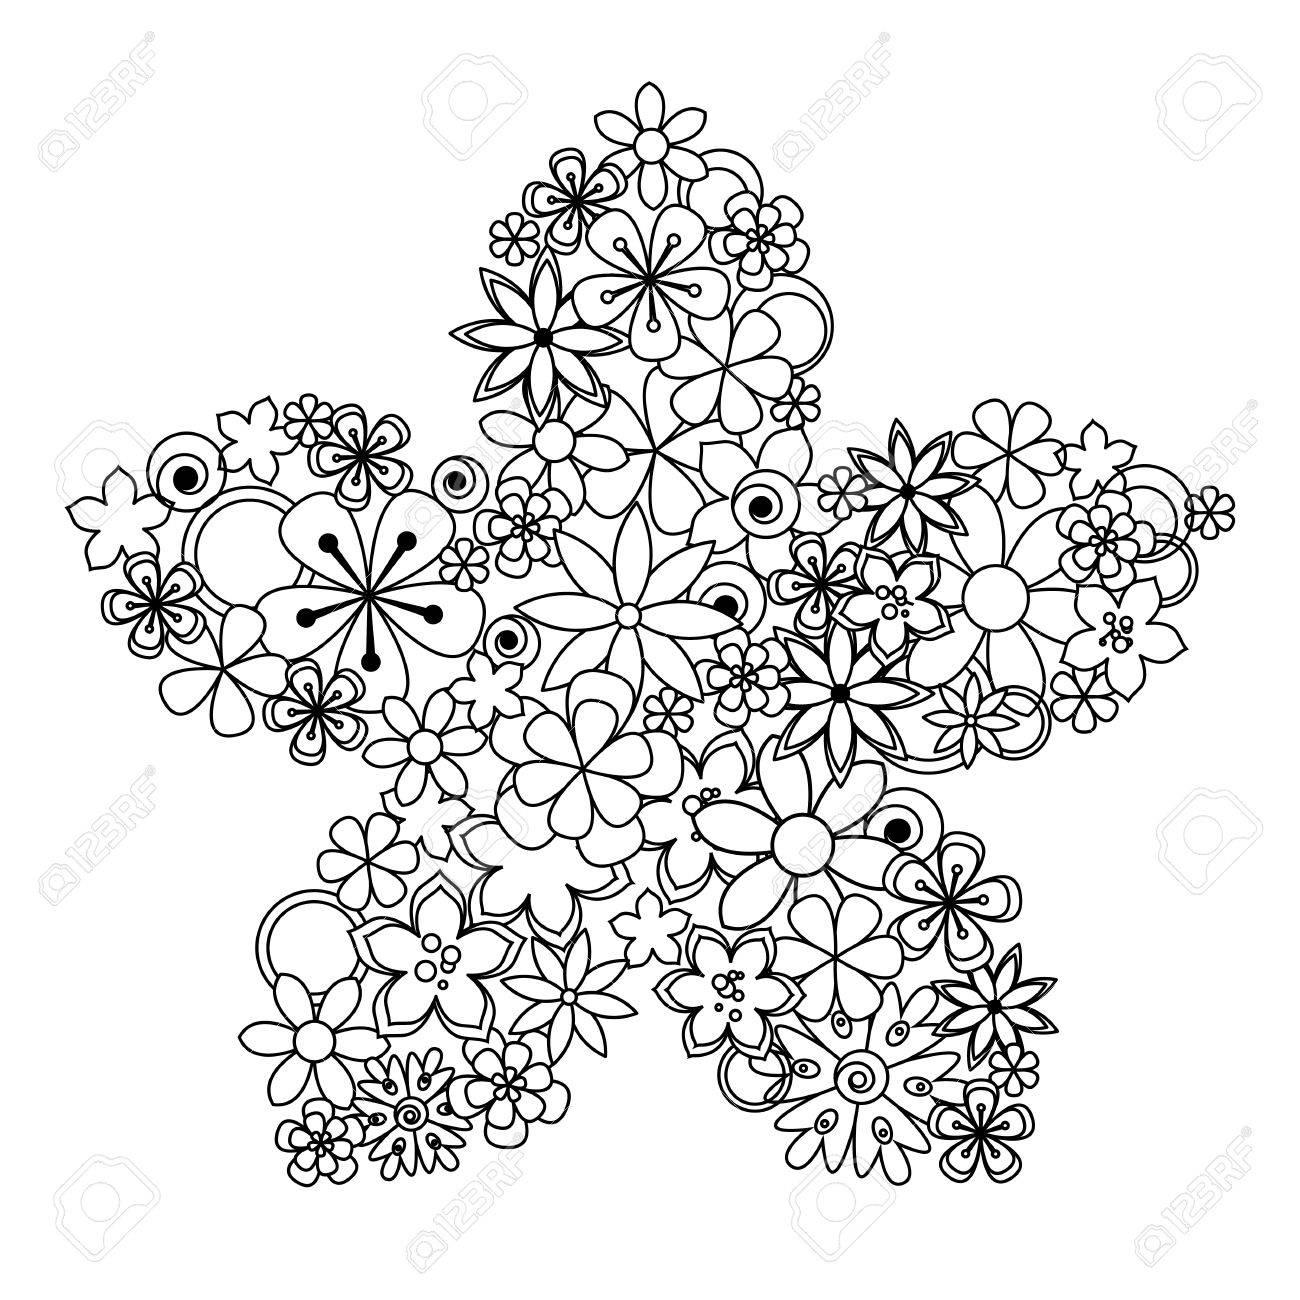 Ilustración De La Flor Decorativa De Color Negro Con Un Flores ...